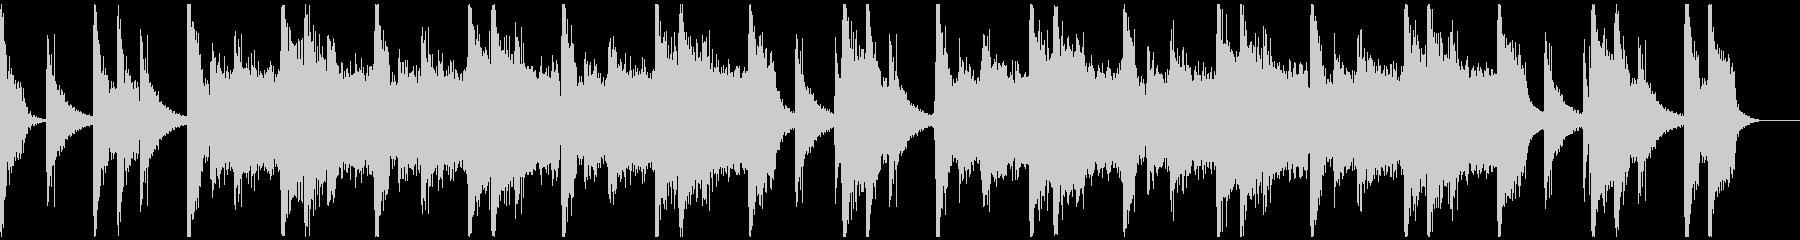 パワフルクラップ&ストンプのロック30秒の未再生の波形